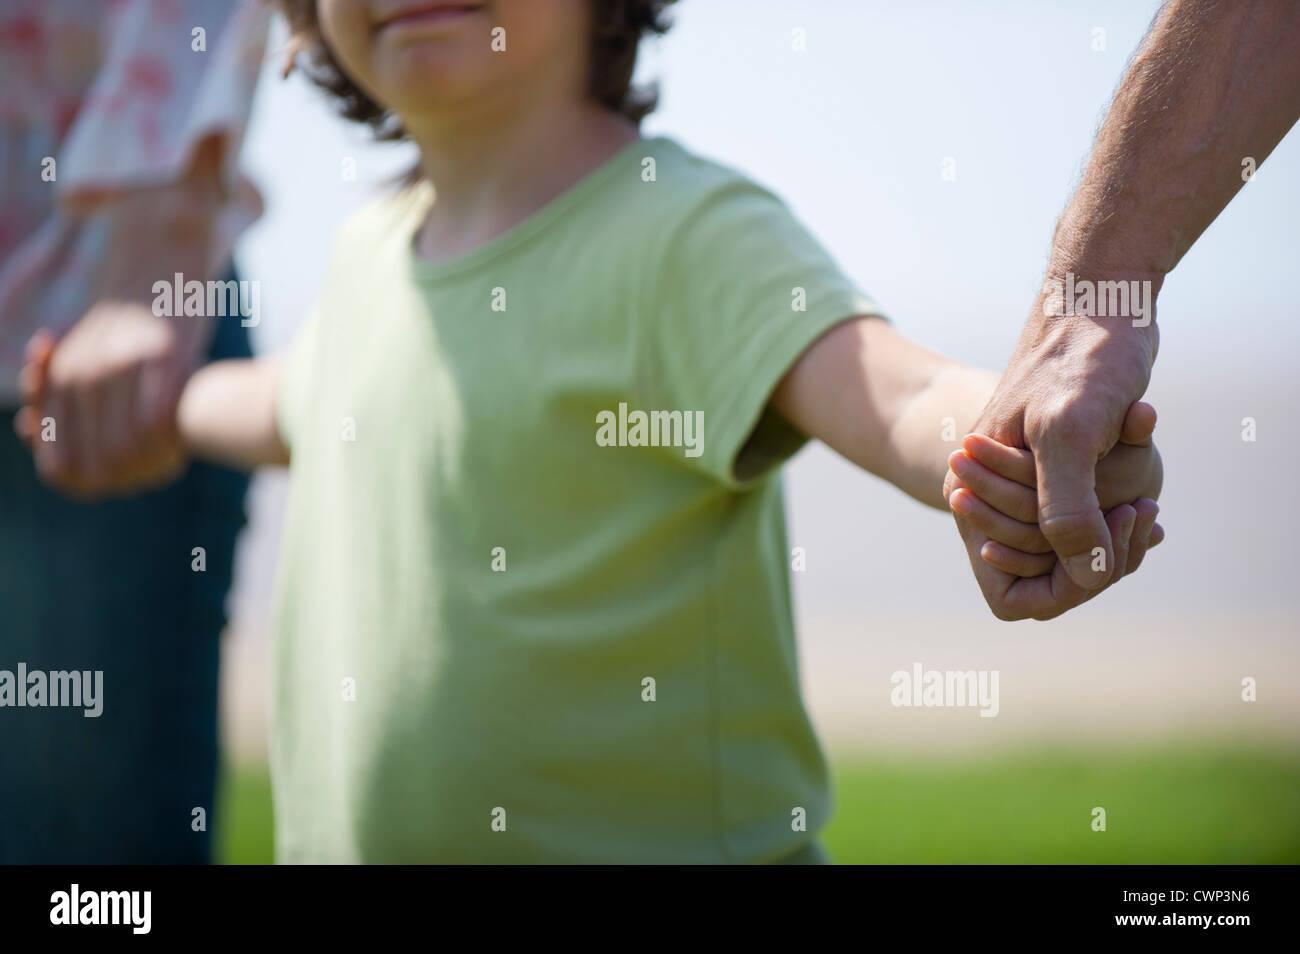 Junge, die Hand in Hand mit Eltern, beschnitten Stockbild